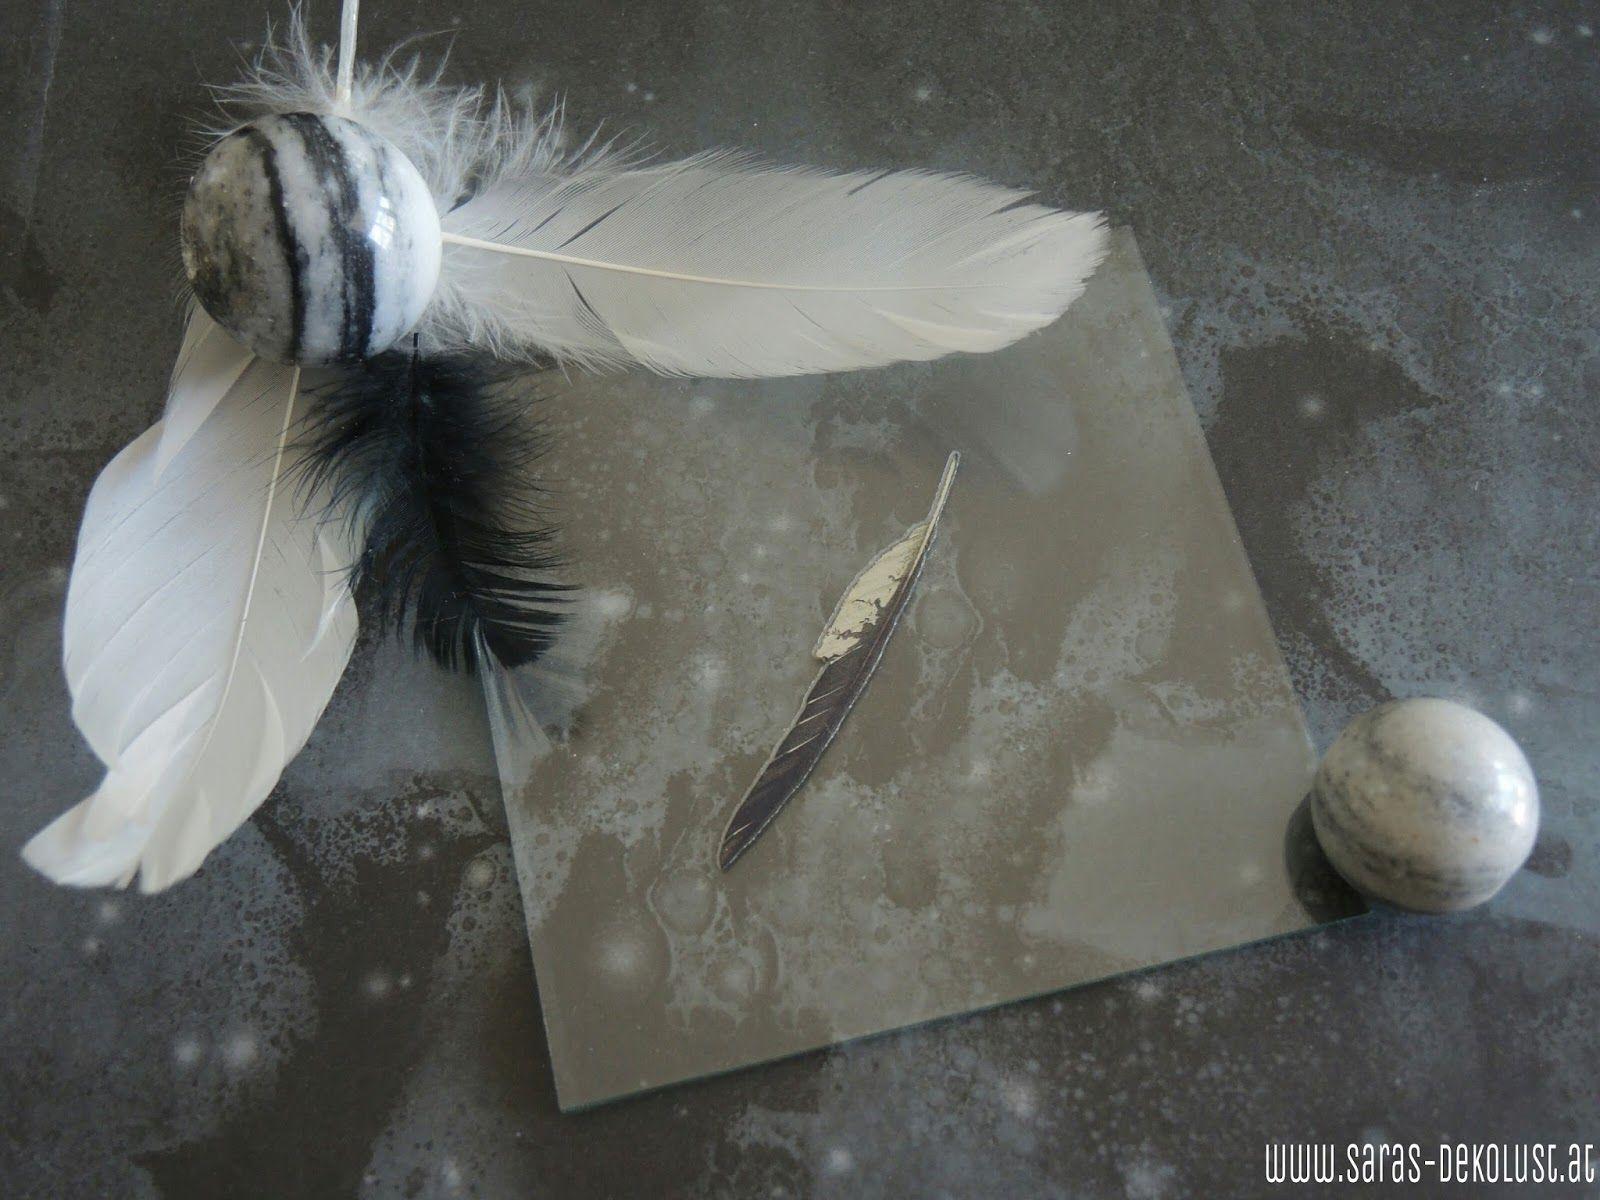 SARAS Dekolust: Kleines Glasbild ohne Rahmen